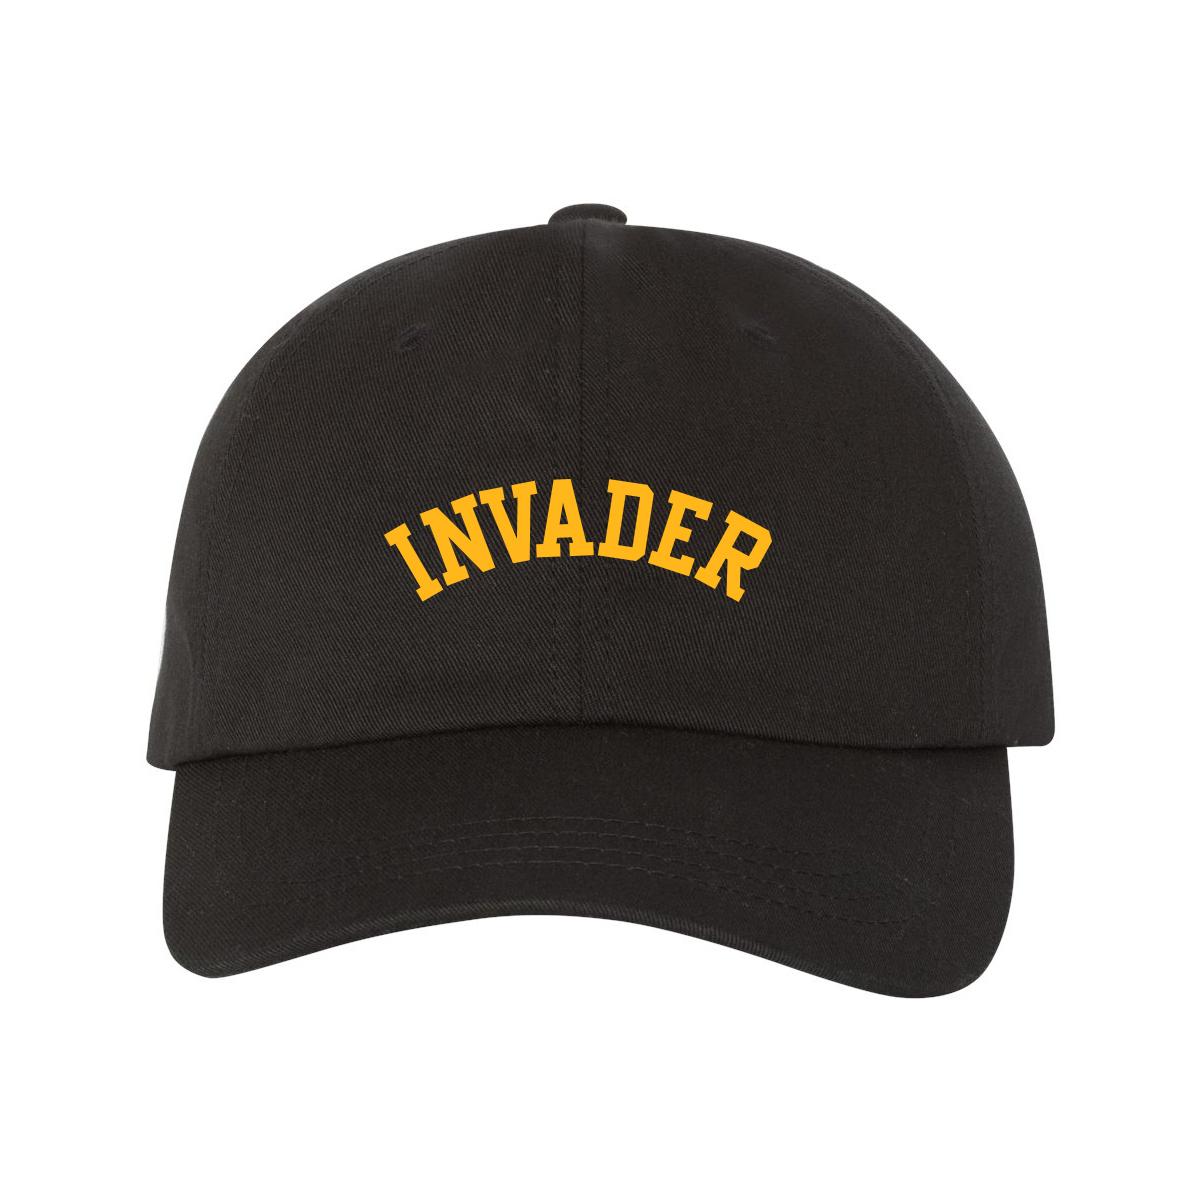 General Hospital Invader Baseball Hat (Black)